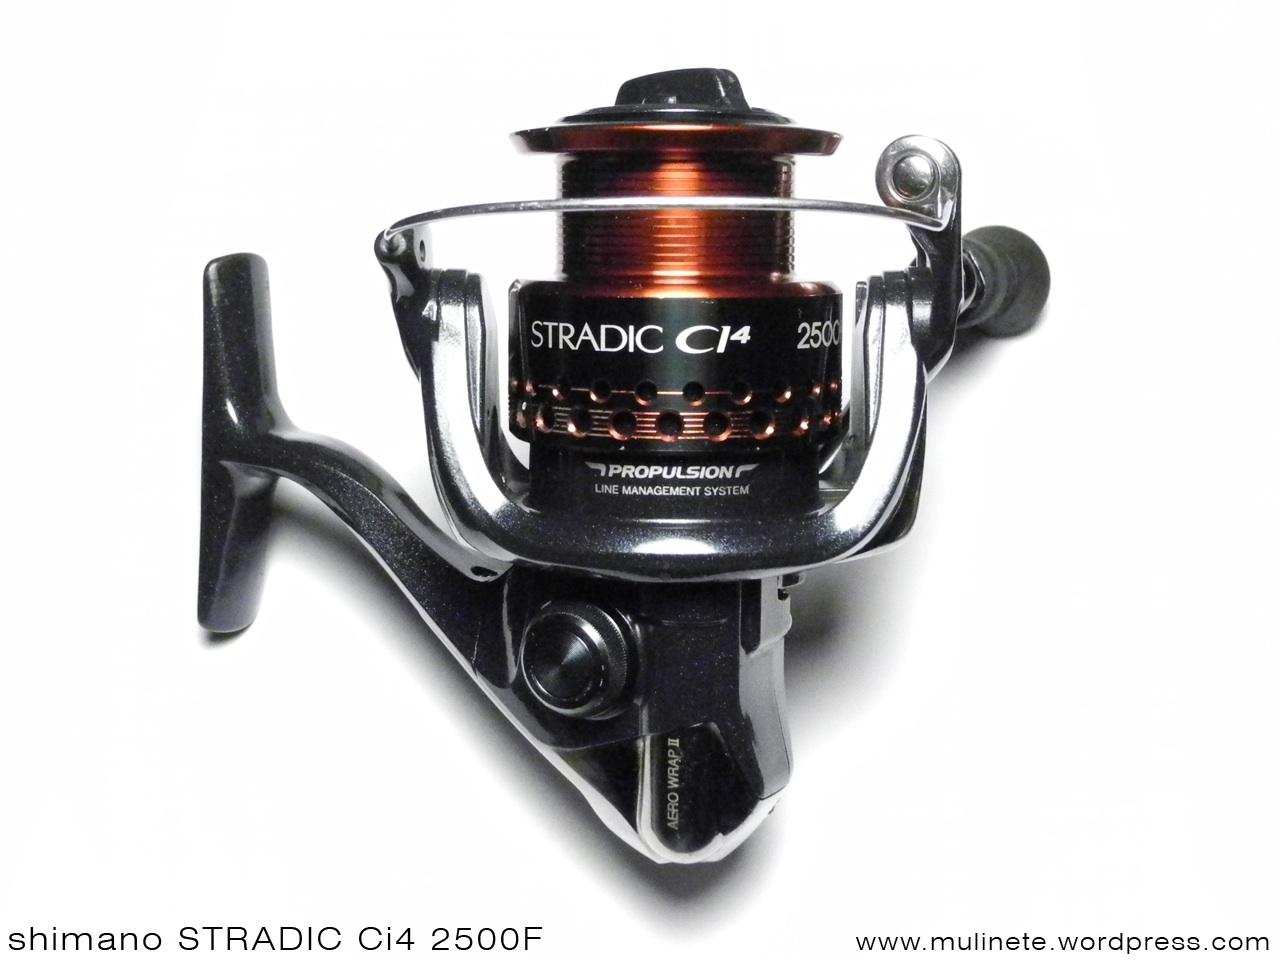 Stradic ci4 2500F